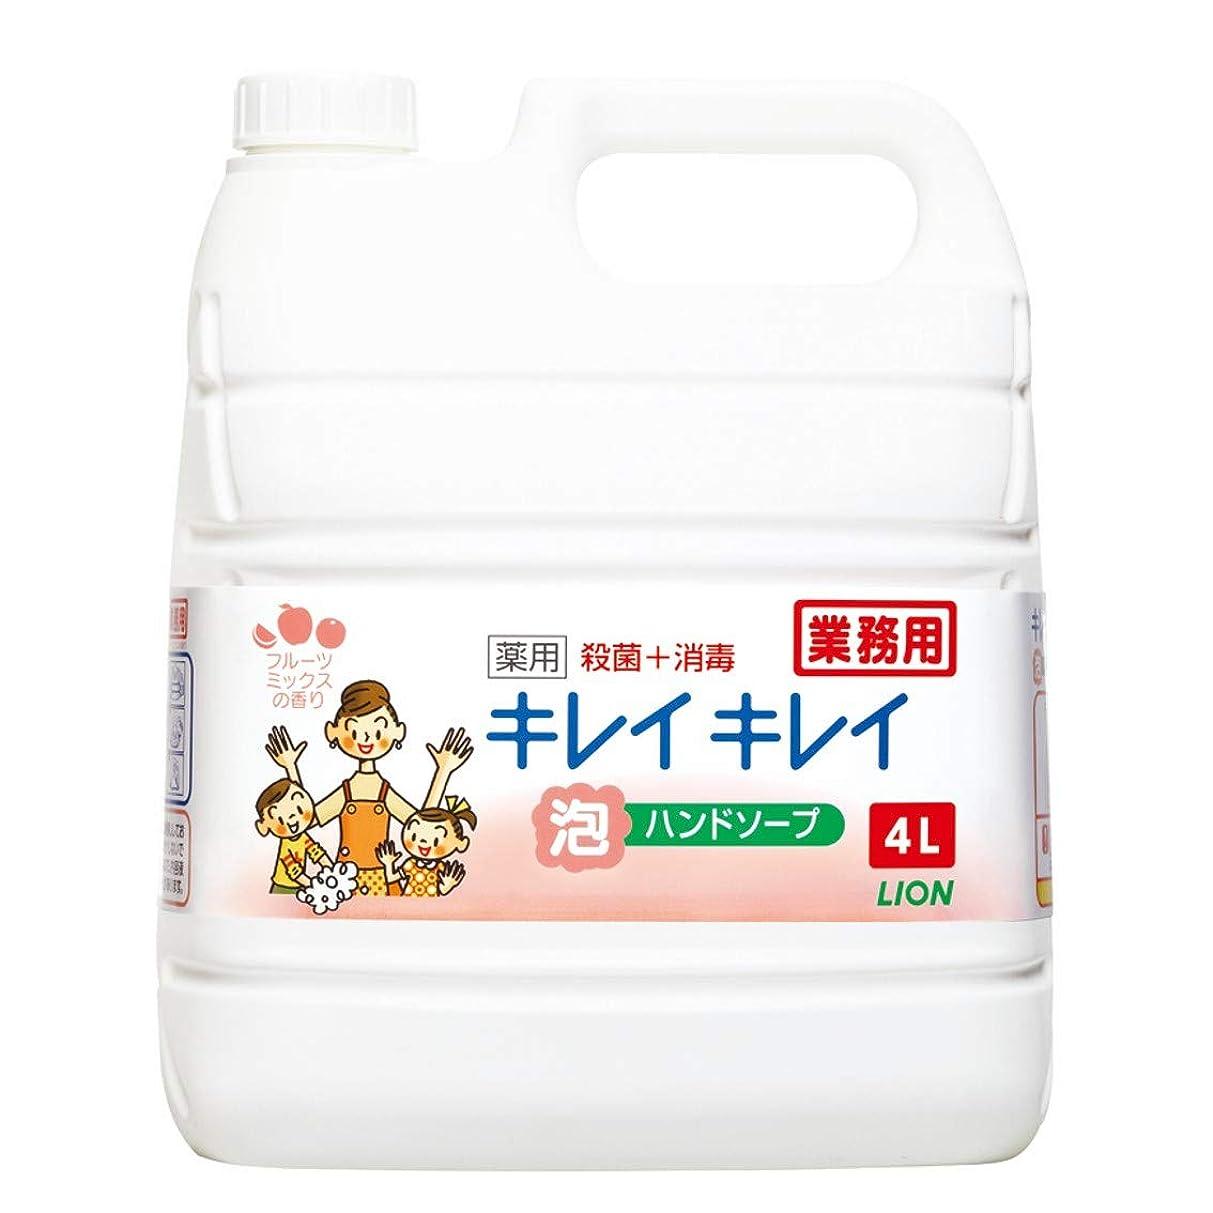 ブース病院反乱【業務用 大容量】キレイキレイ 薬用 泡ハンドソープフルーツミックスの香り 4L(医薬部外品)